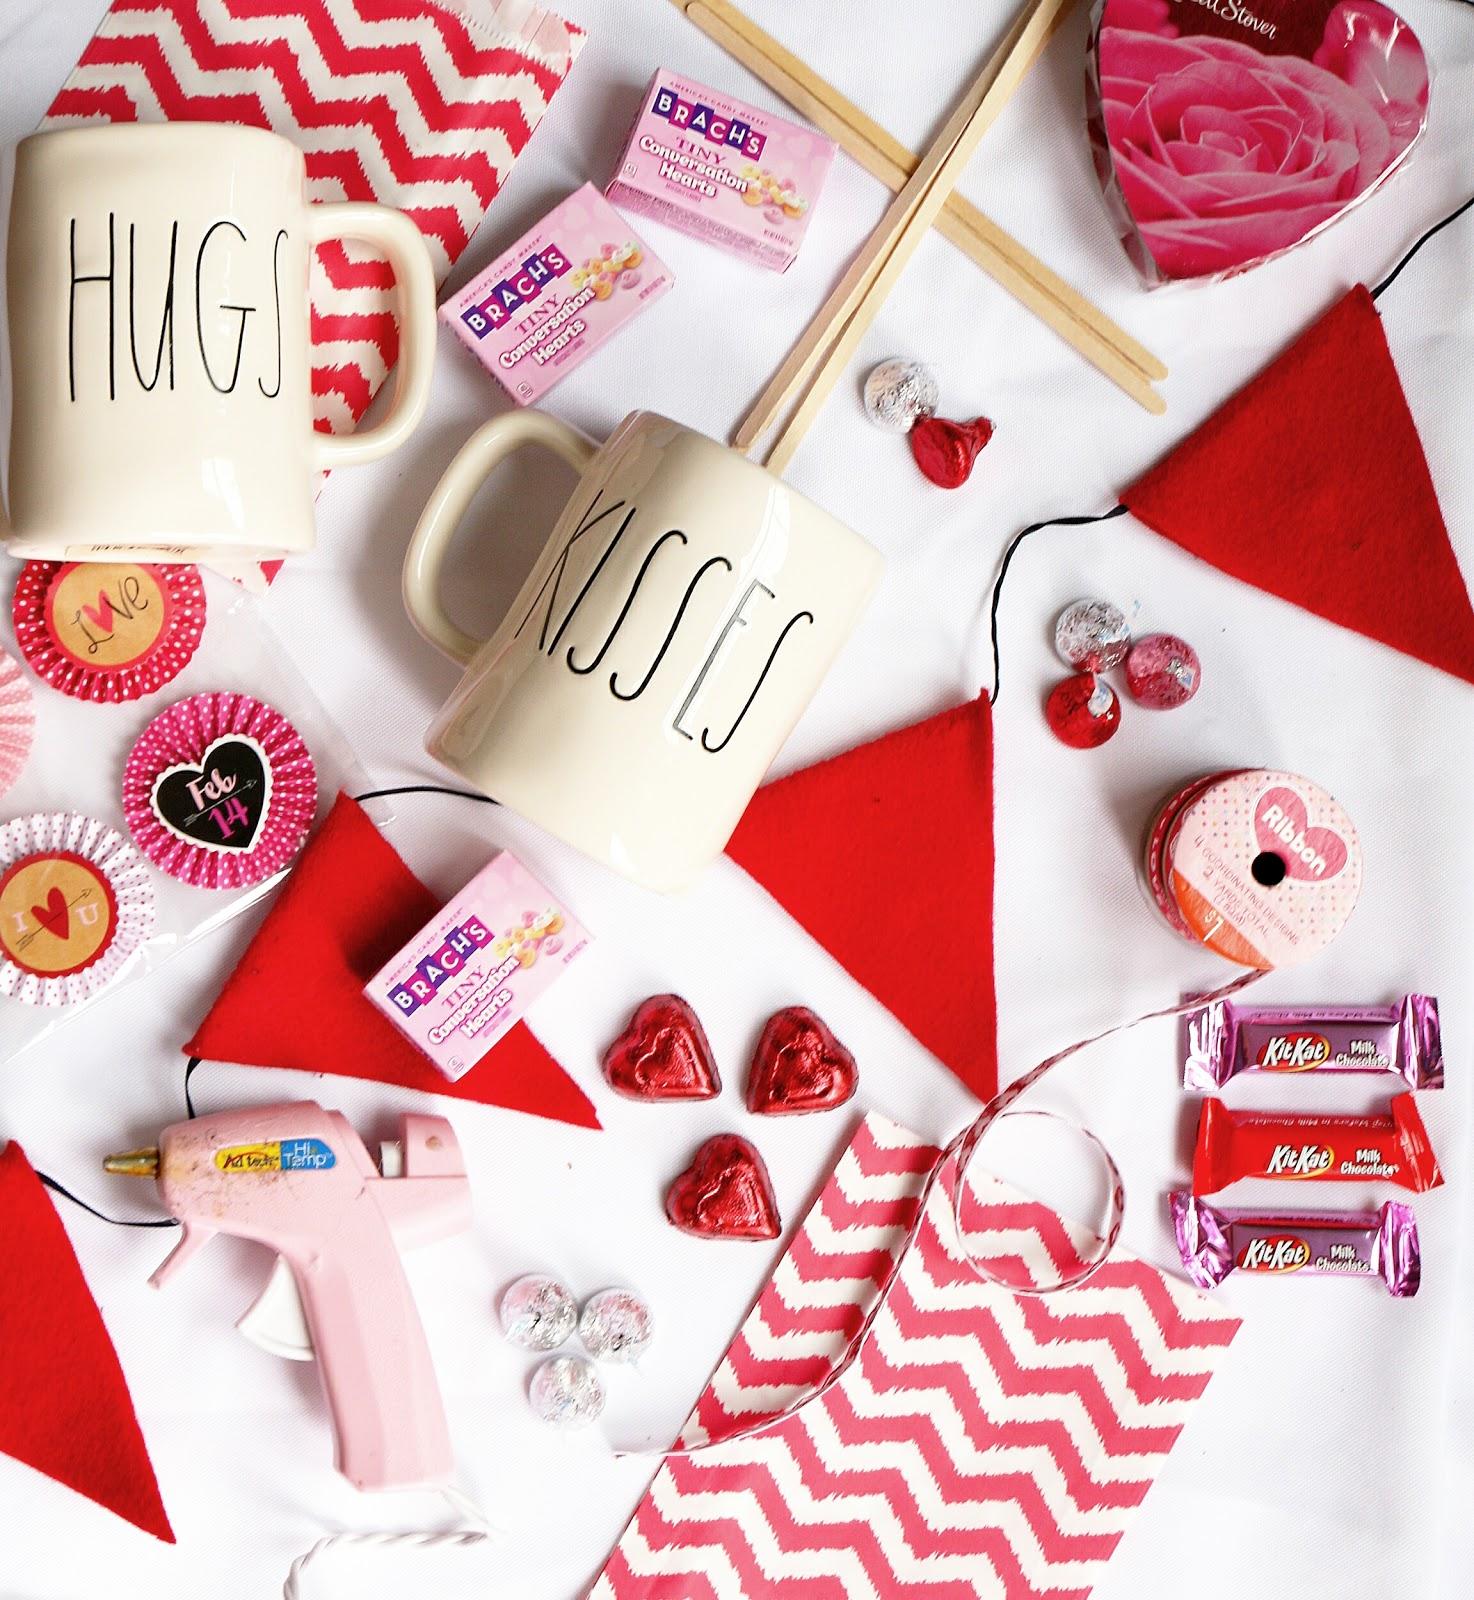 Rae Dunn Clay Mug gift flatlay